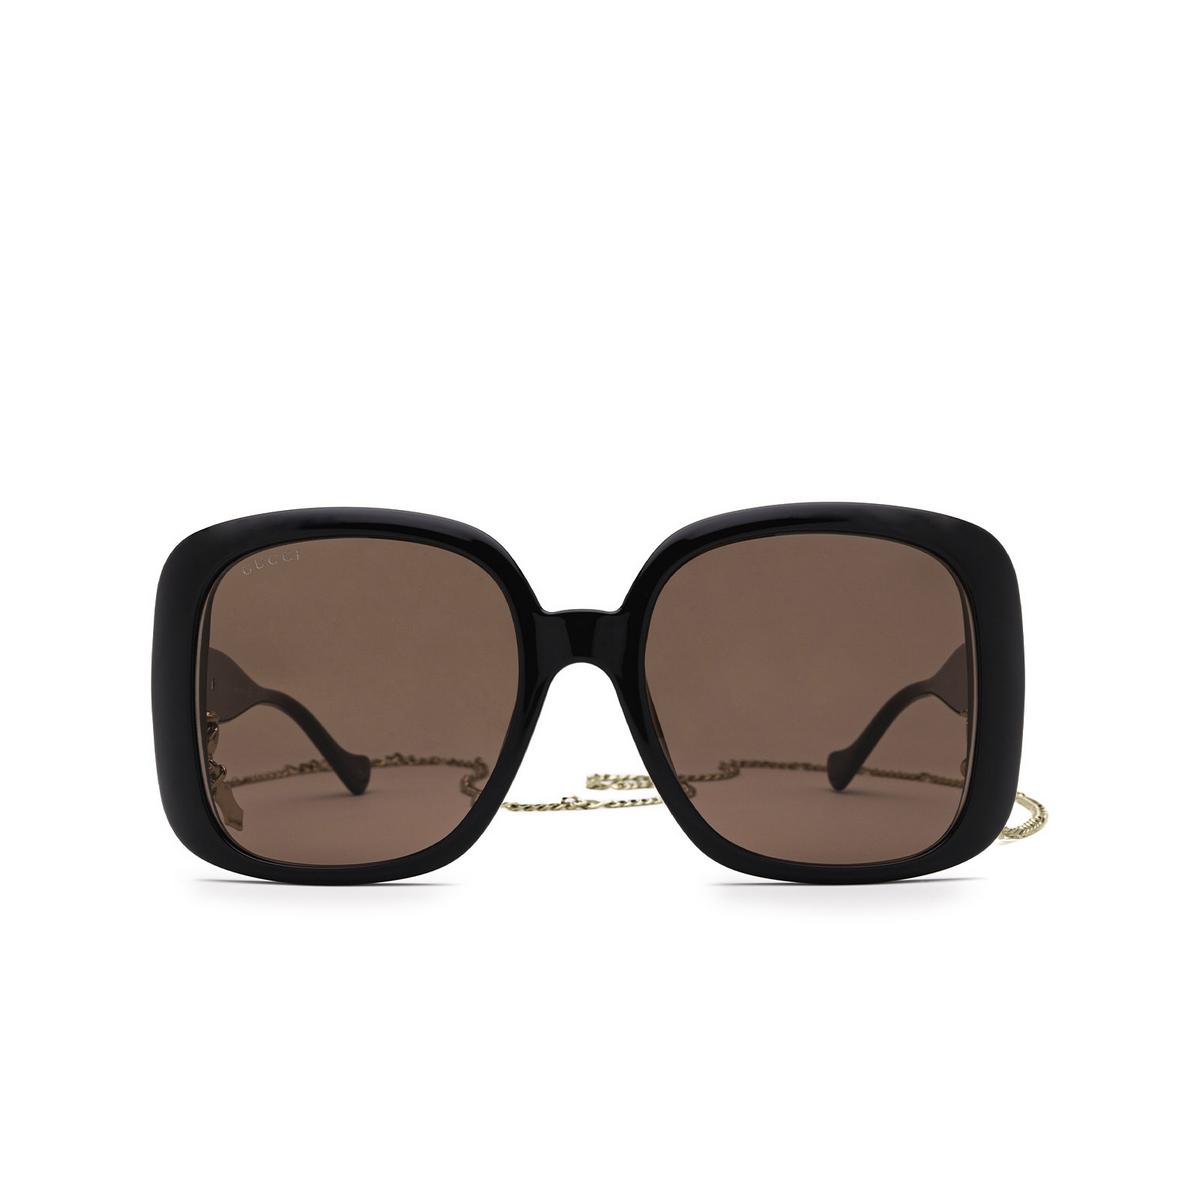 Gucci® Square Sunglasses: GG1029SA color Black 005 - front view.